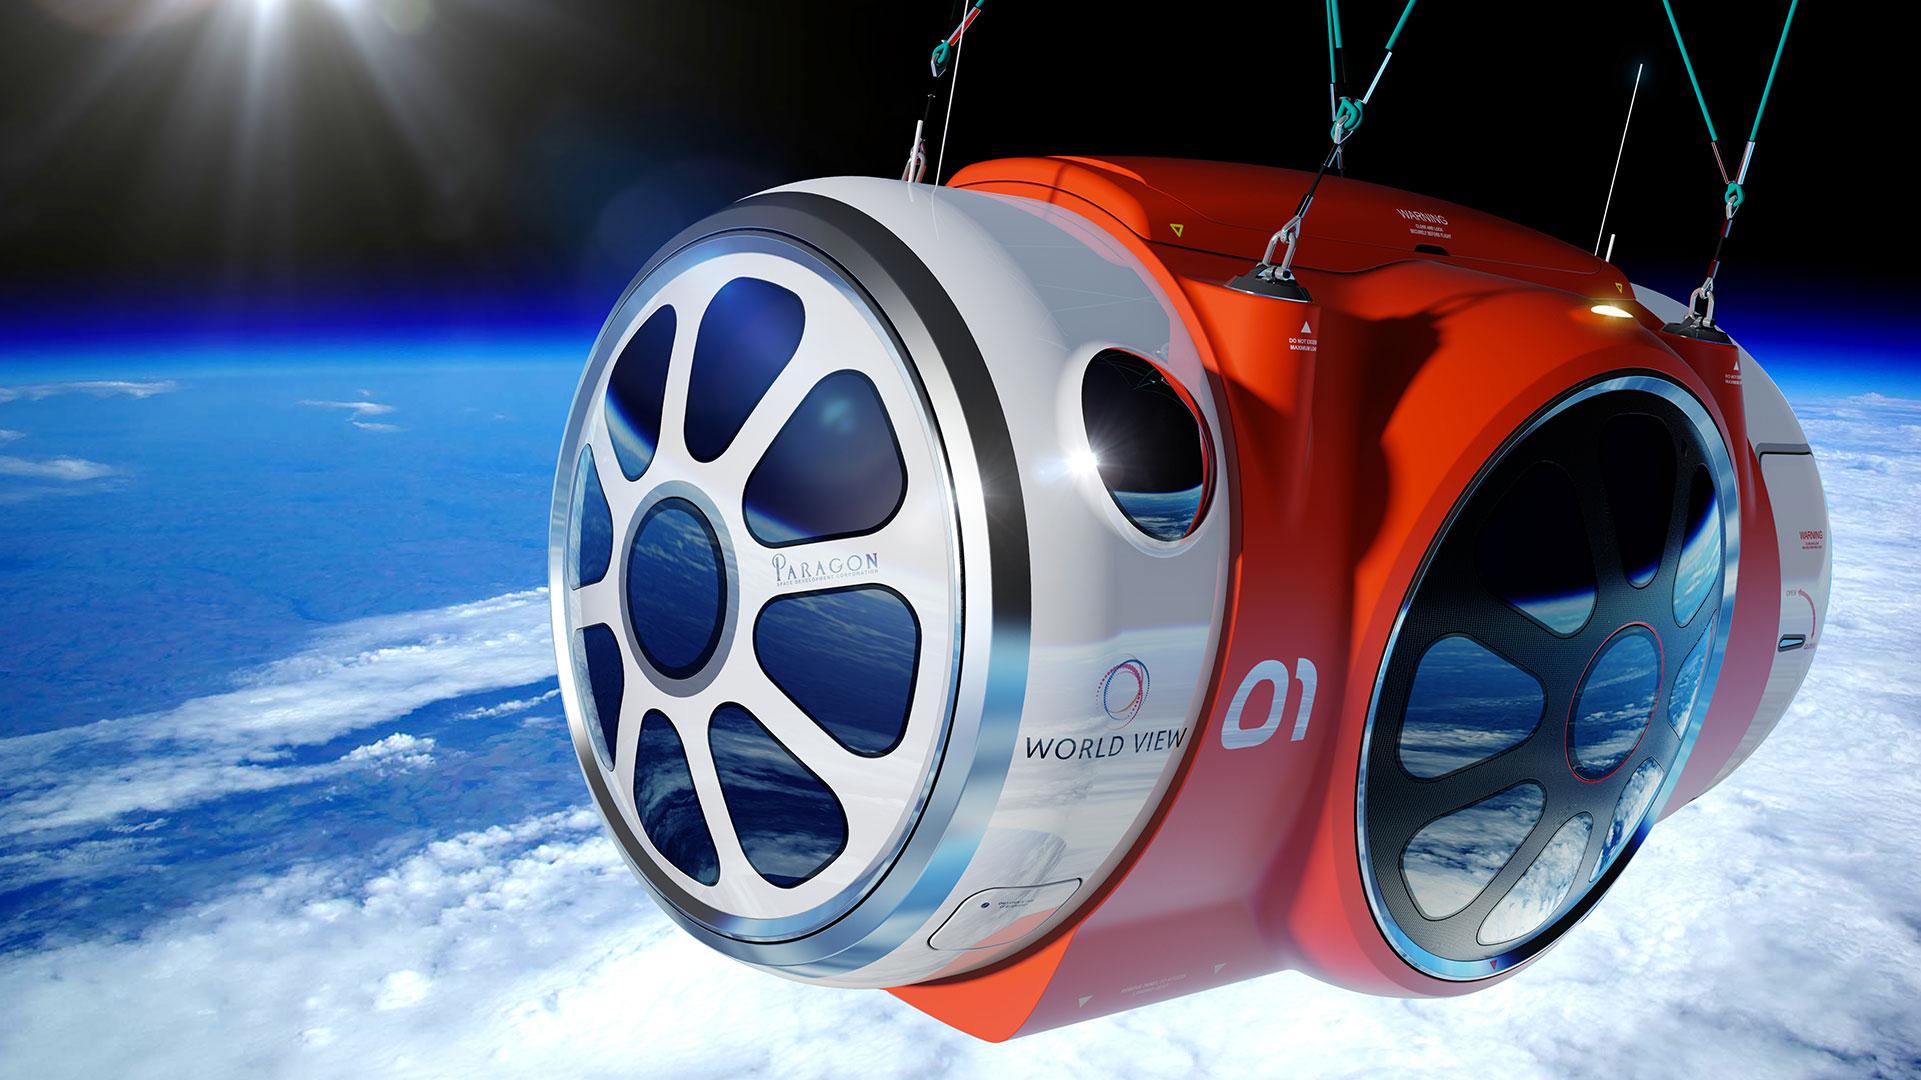 papka-foto-fantasticheskie-puteshestviya-tekhnologii-kotorye-izmenyat-turizm-stratosfernaya-kapsula